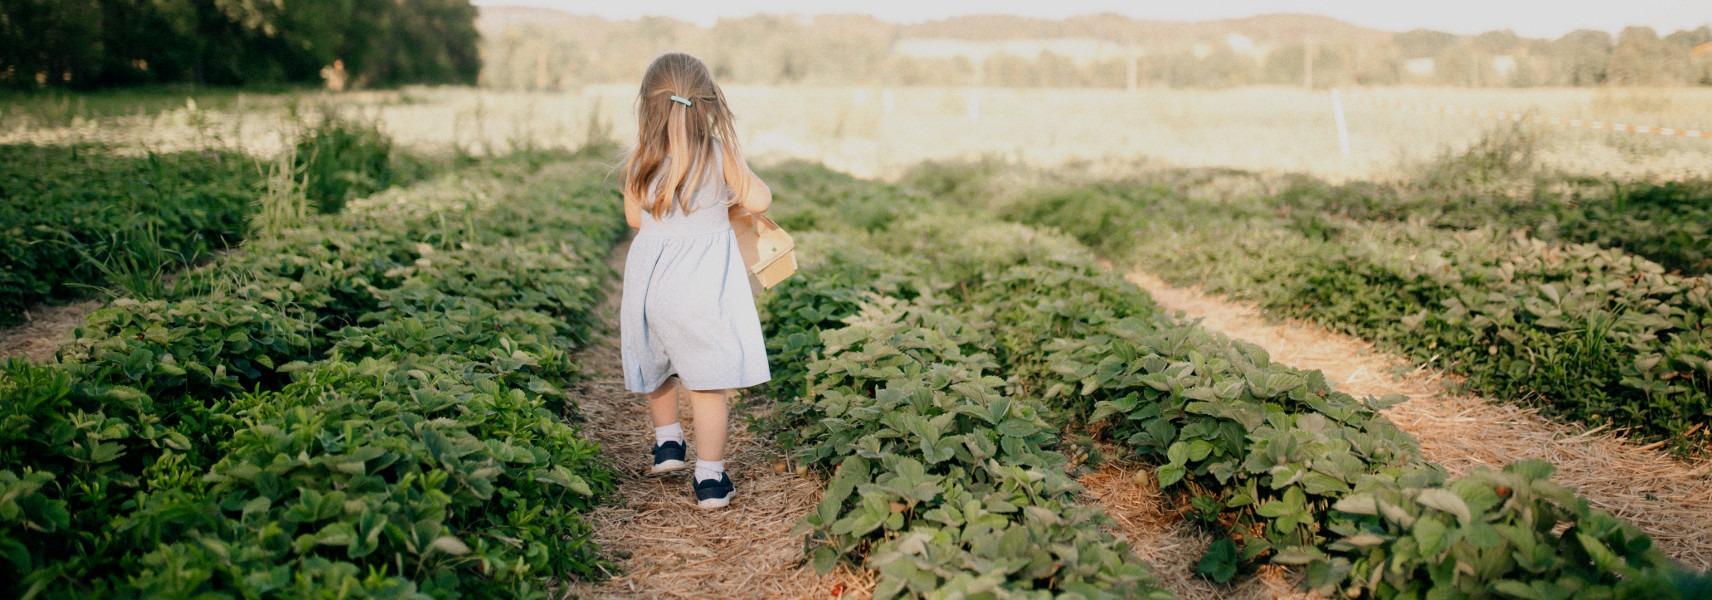 Mädchen mit Korb läuft im Erdbeerfeld in Partenfeld